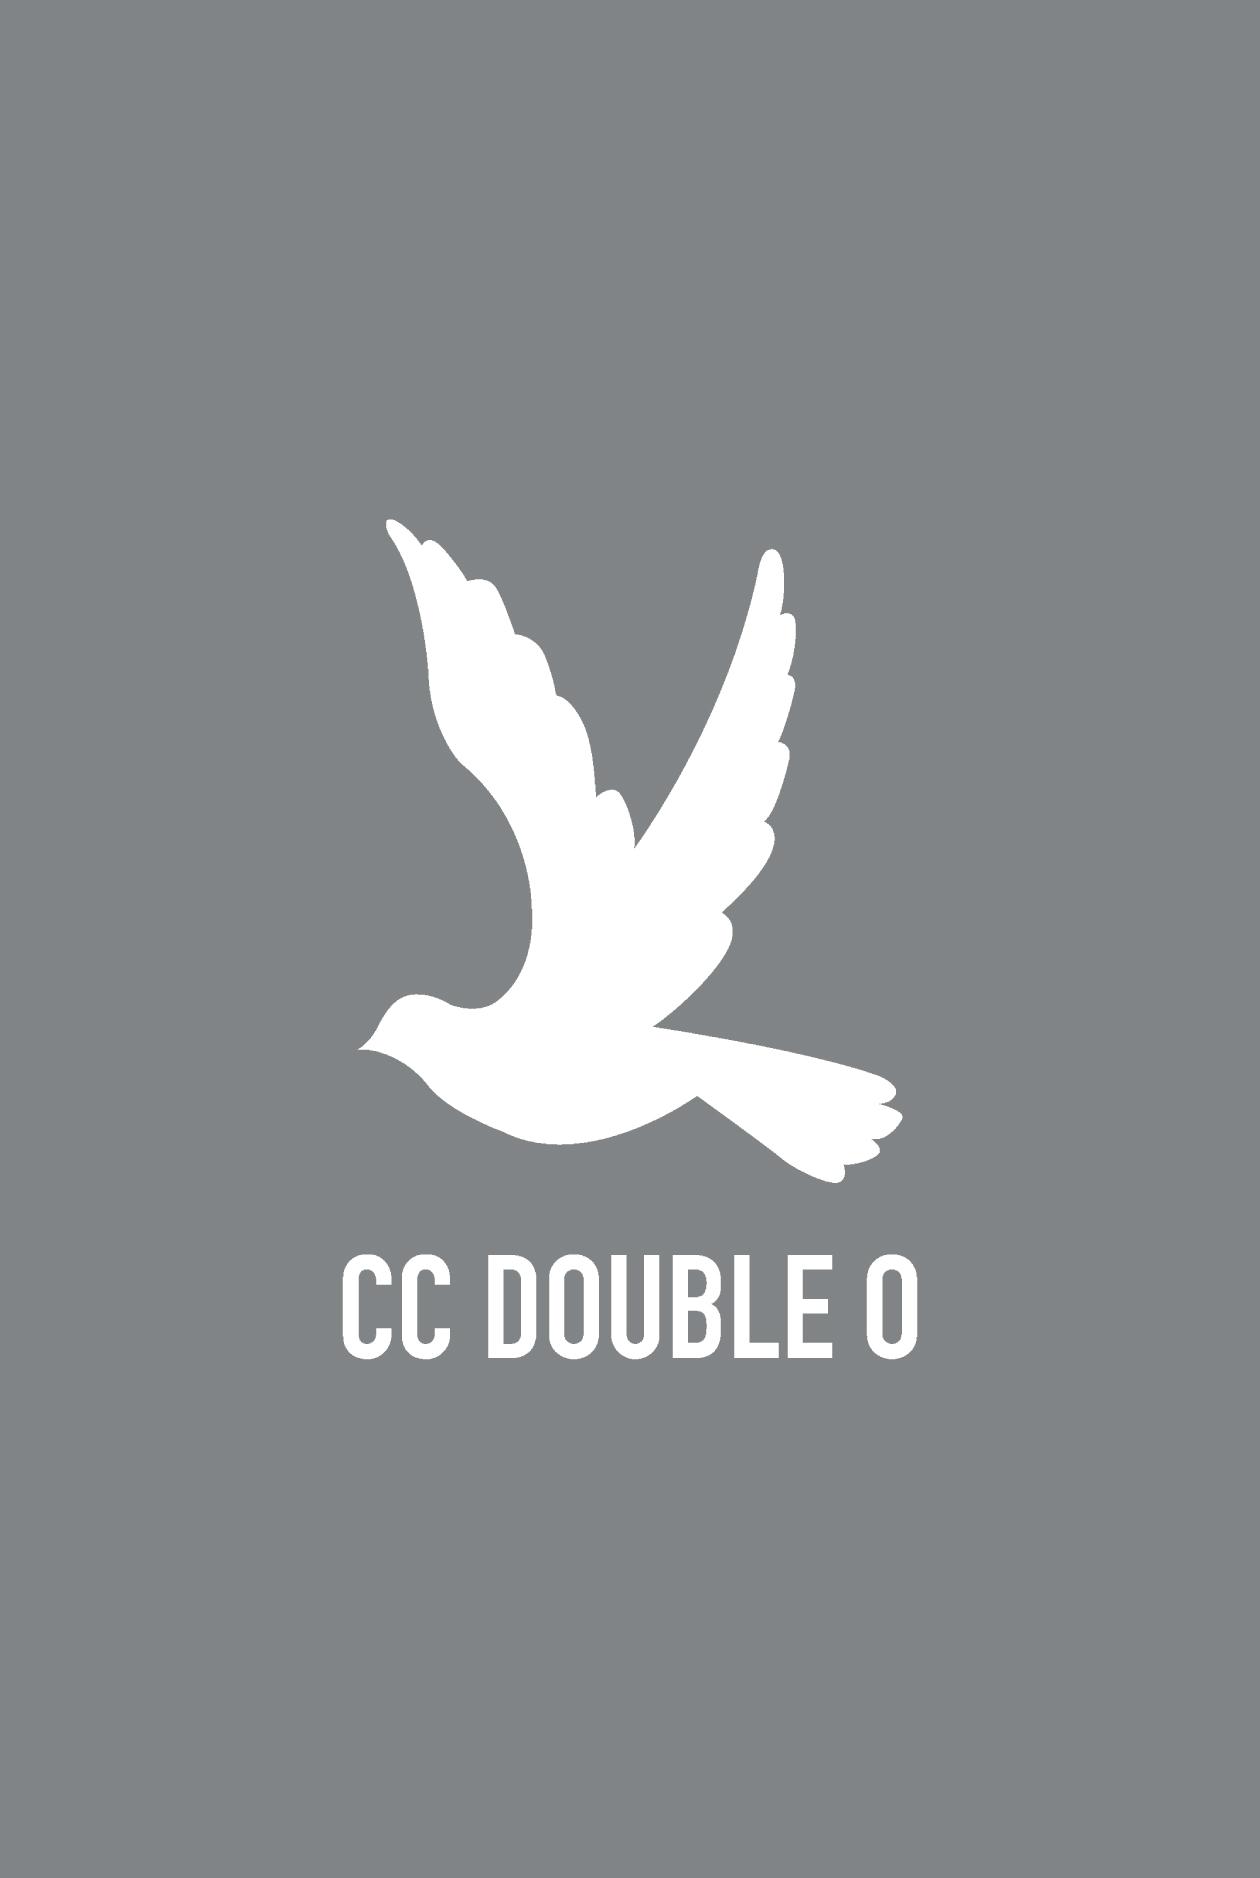 CC DOUBLE O Hoodie Jacket